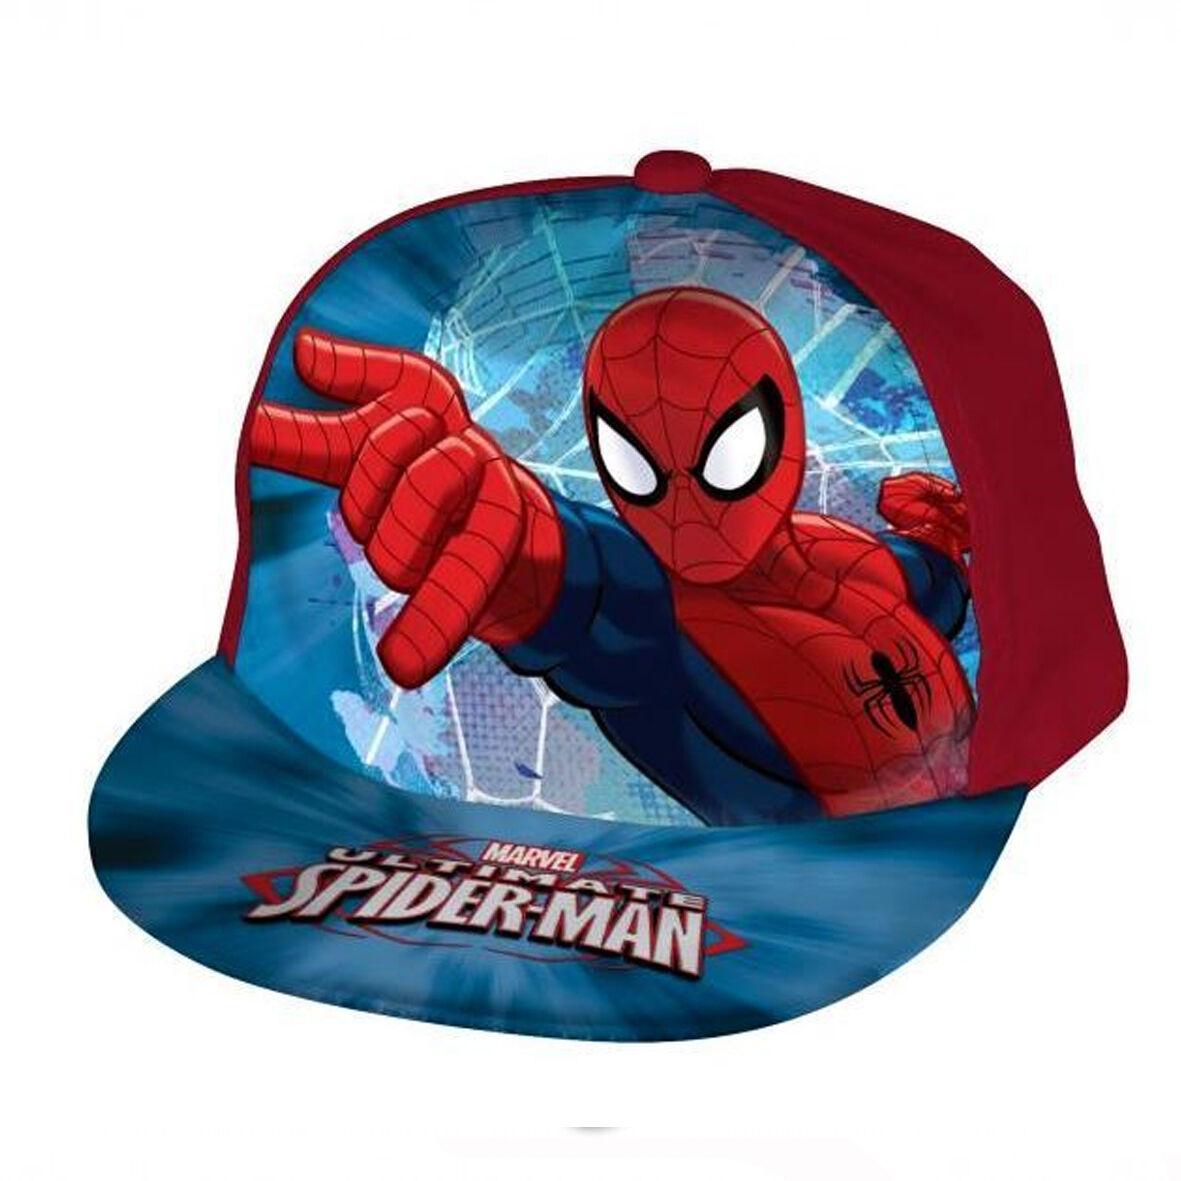 SPIDERMAN cappello con visiera 100% morbido cotone rosso regolabile con strappo